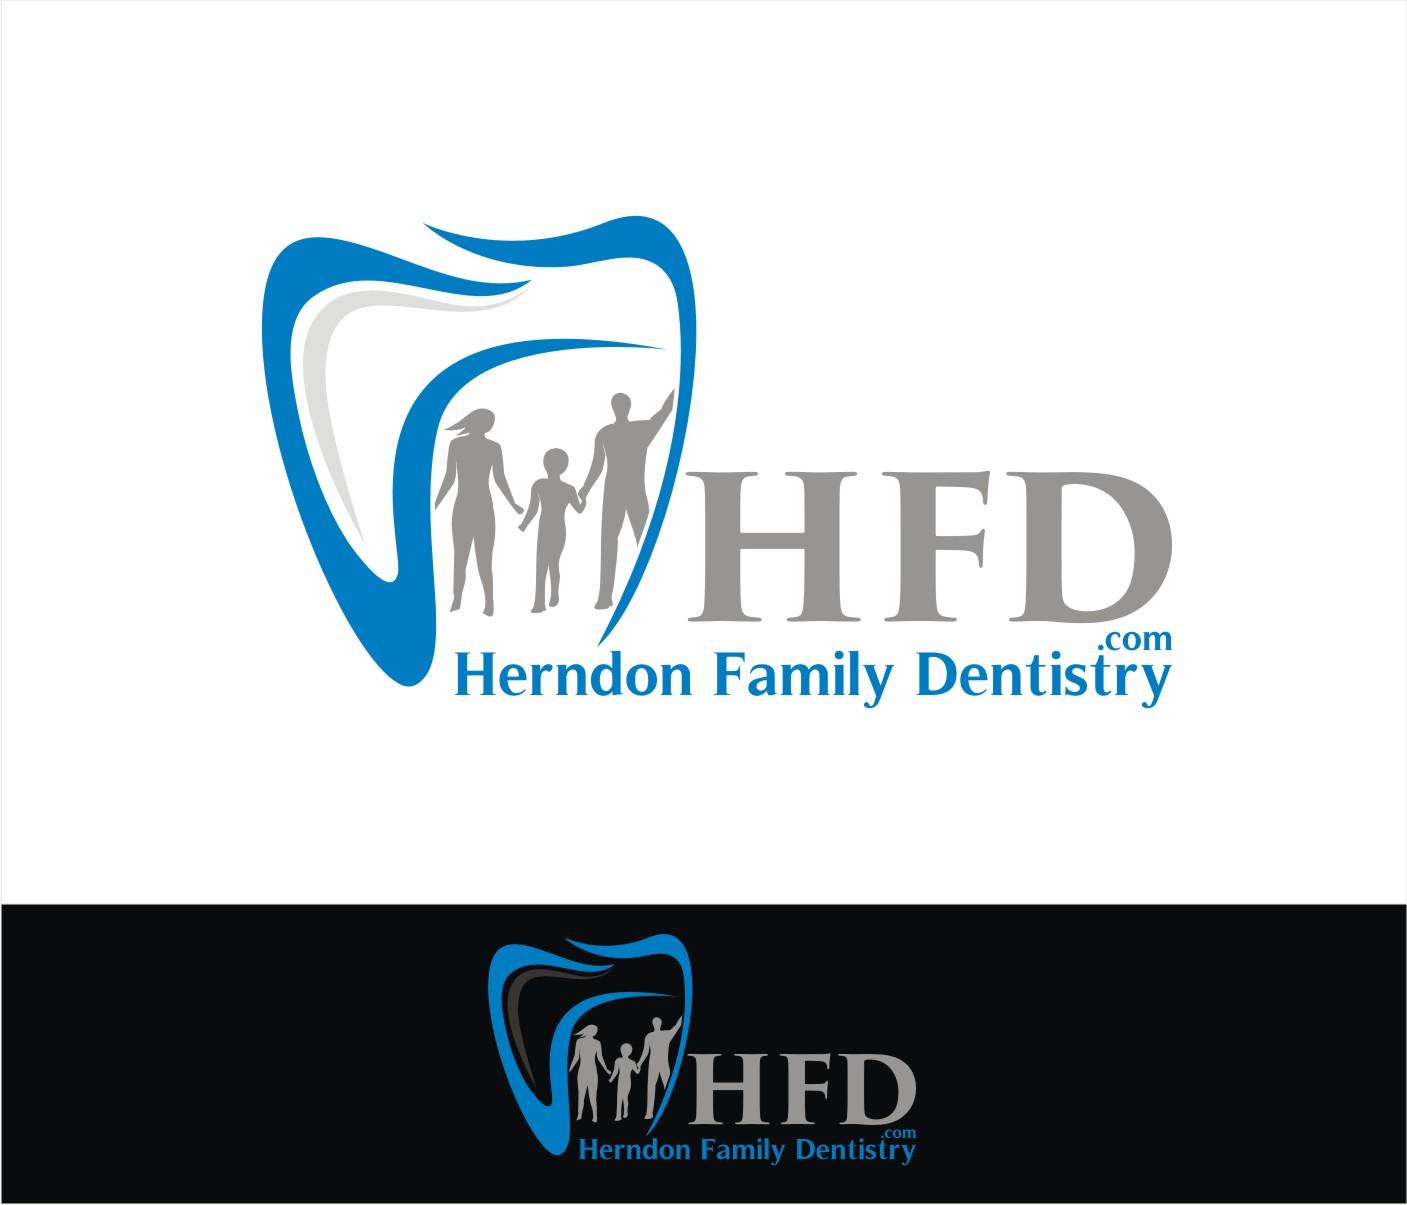 Logo Design By Soul Light For Herndon Family Dentistry | Design #16414407